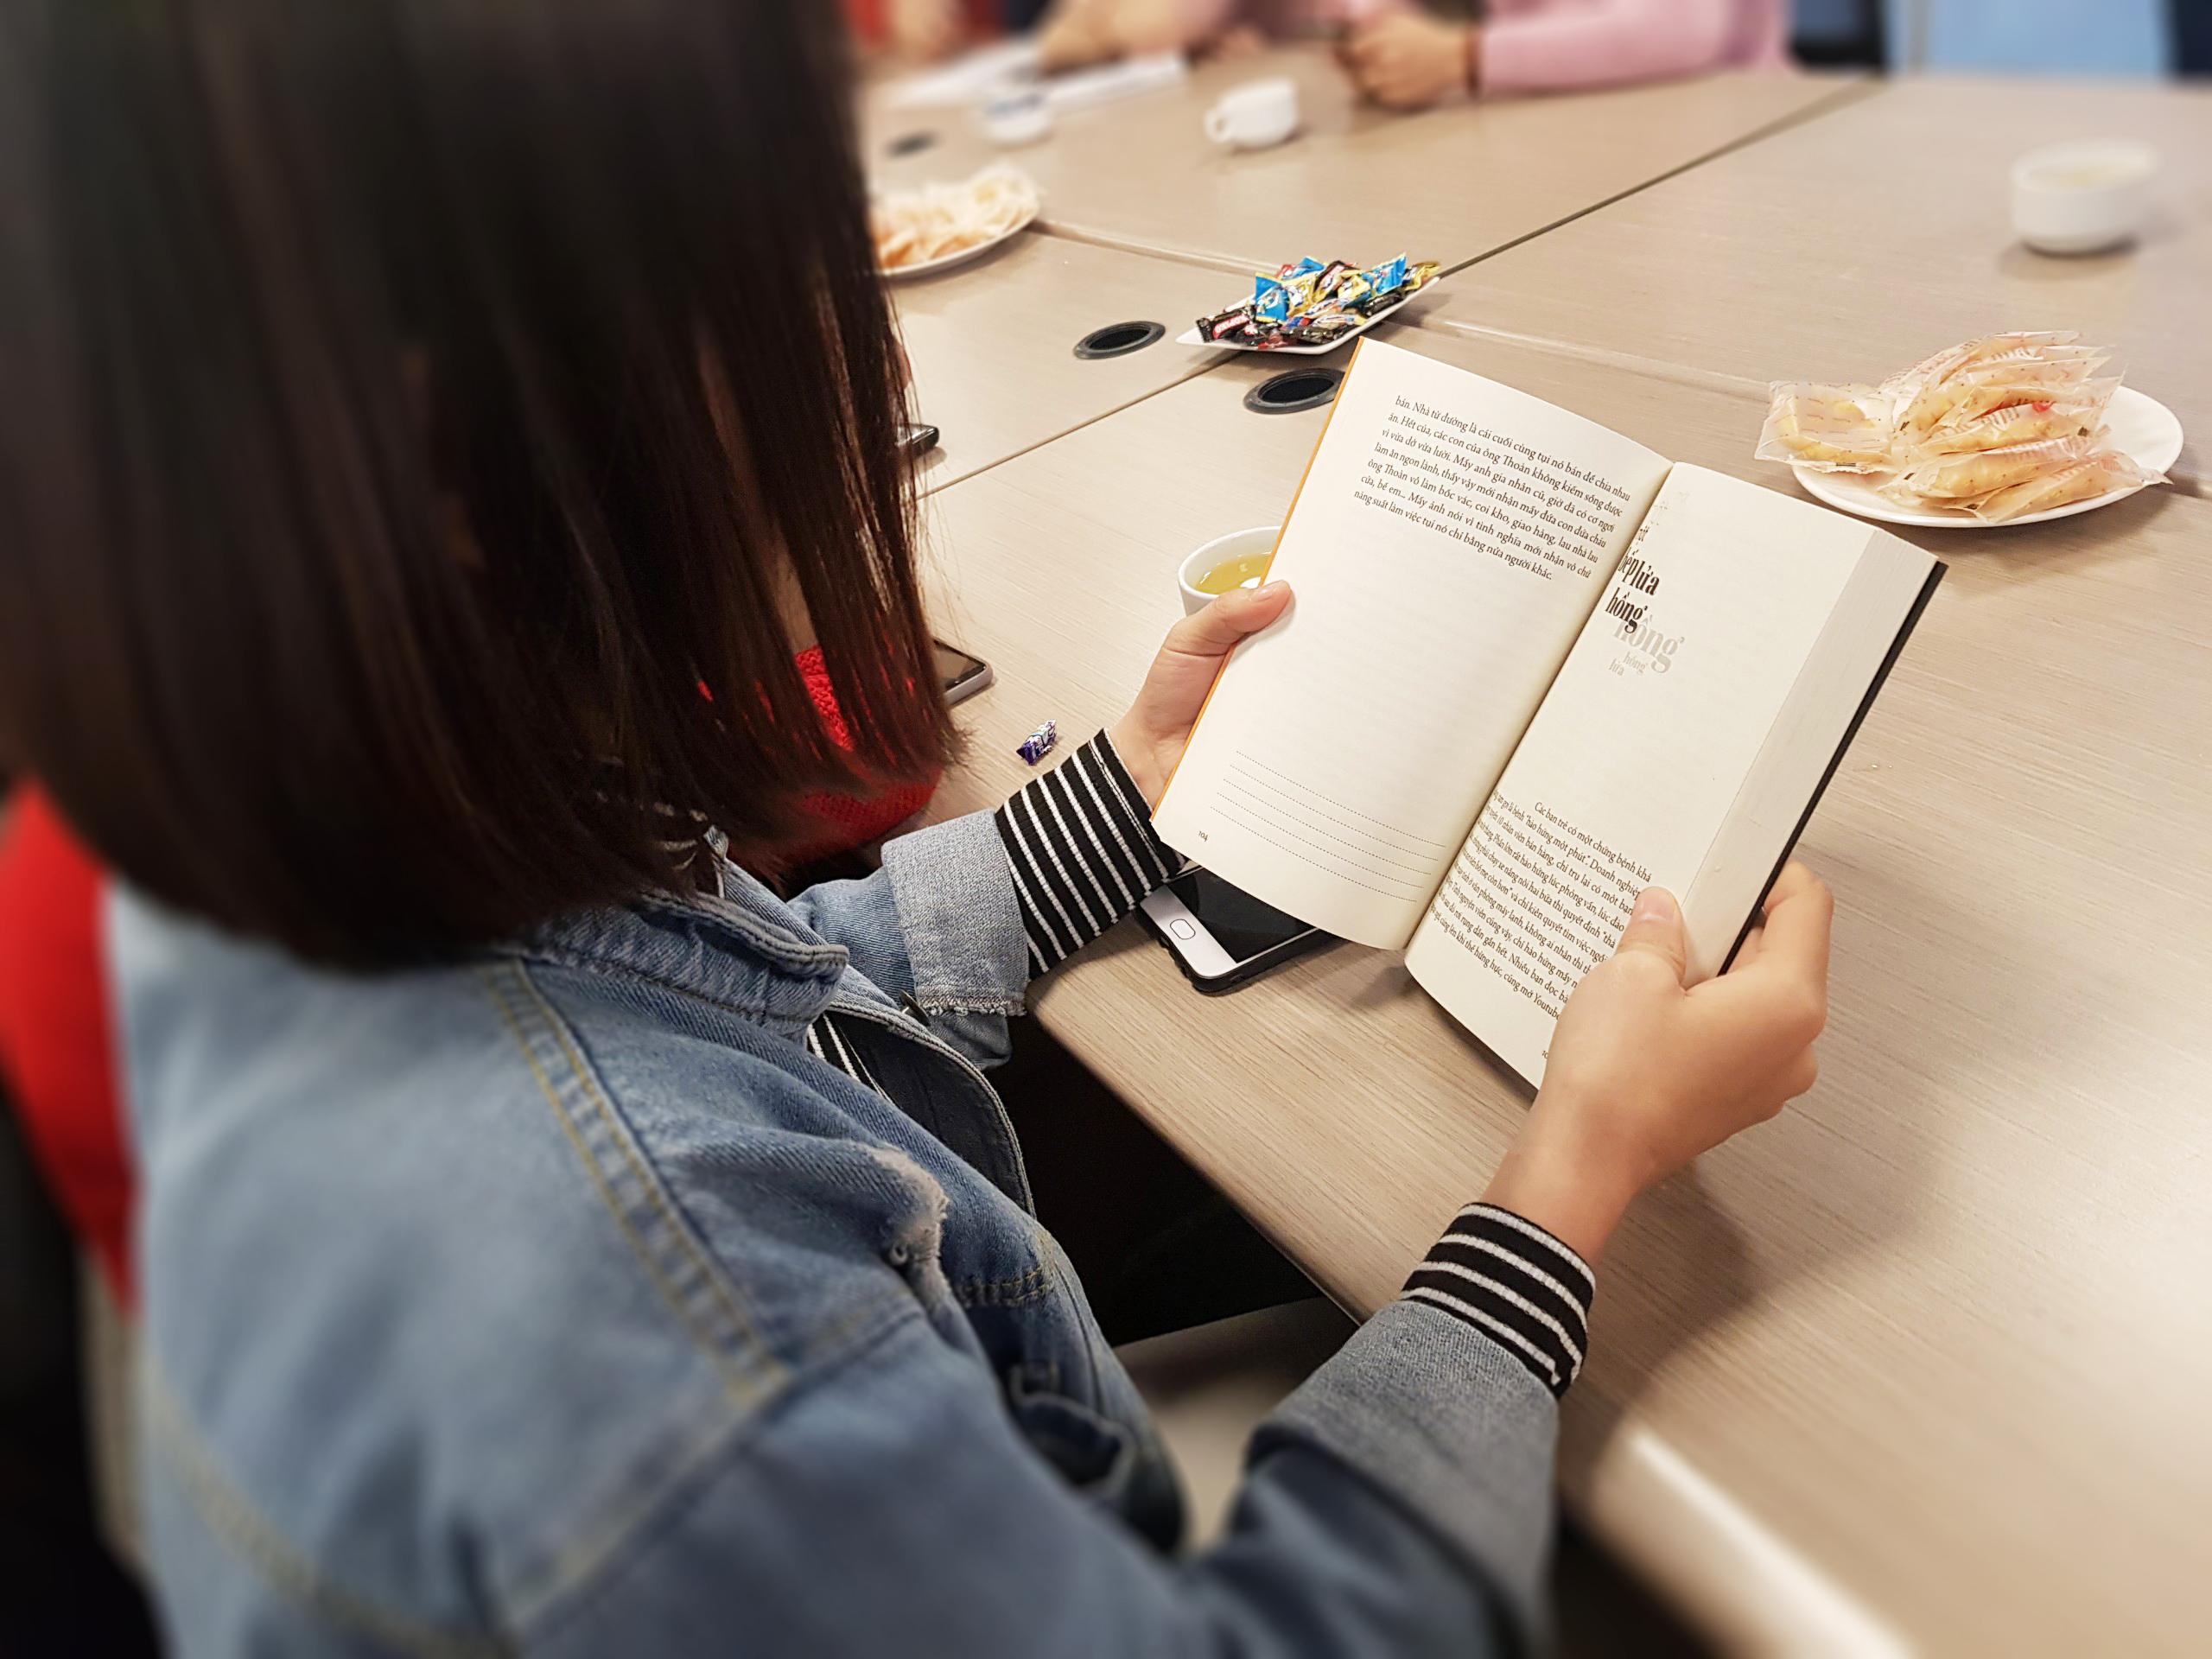 Hội thảo sách tại Mazda Lê Văn Lương